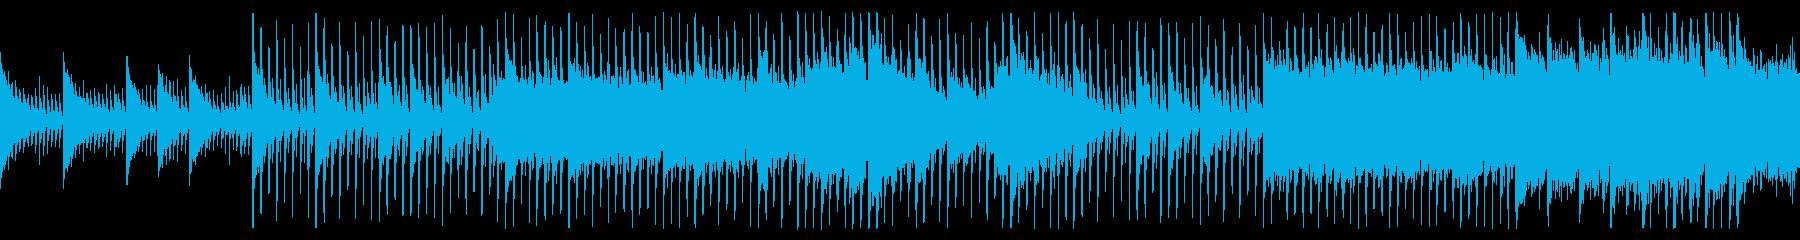 【ループ】ポジティブで軽快/希望_3の再生済みの波形